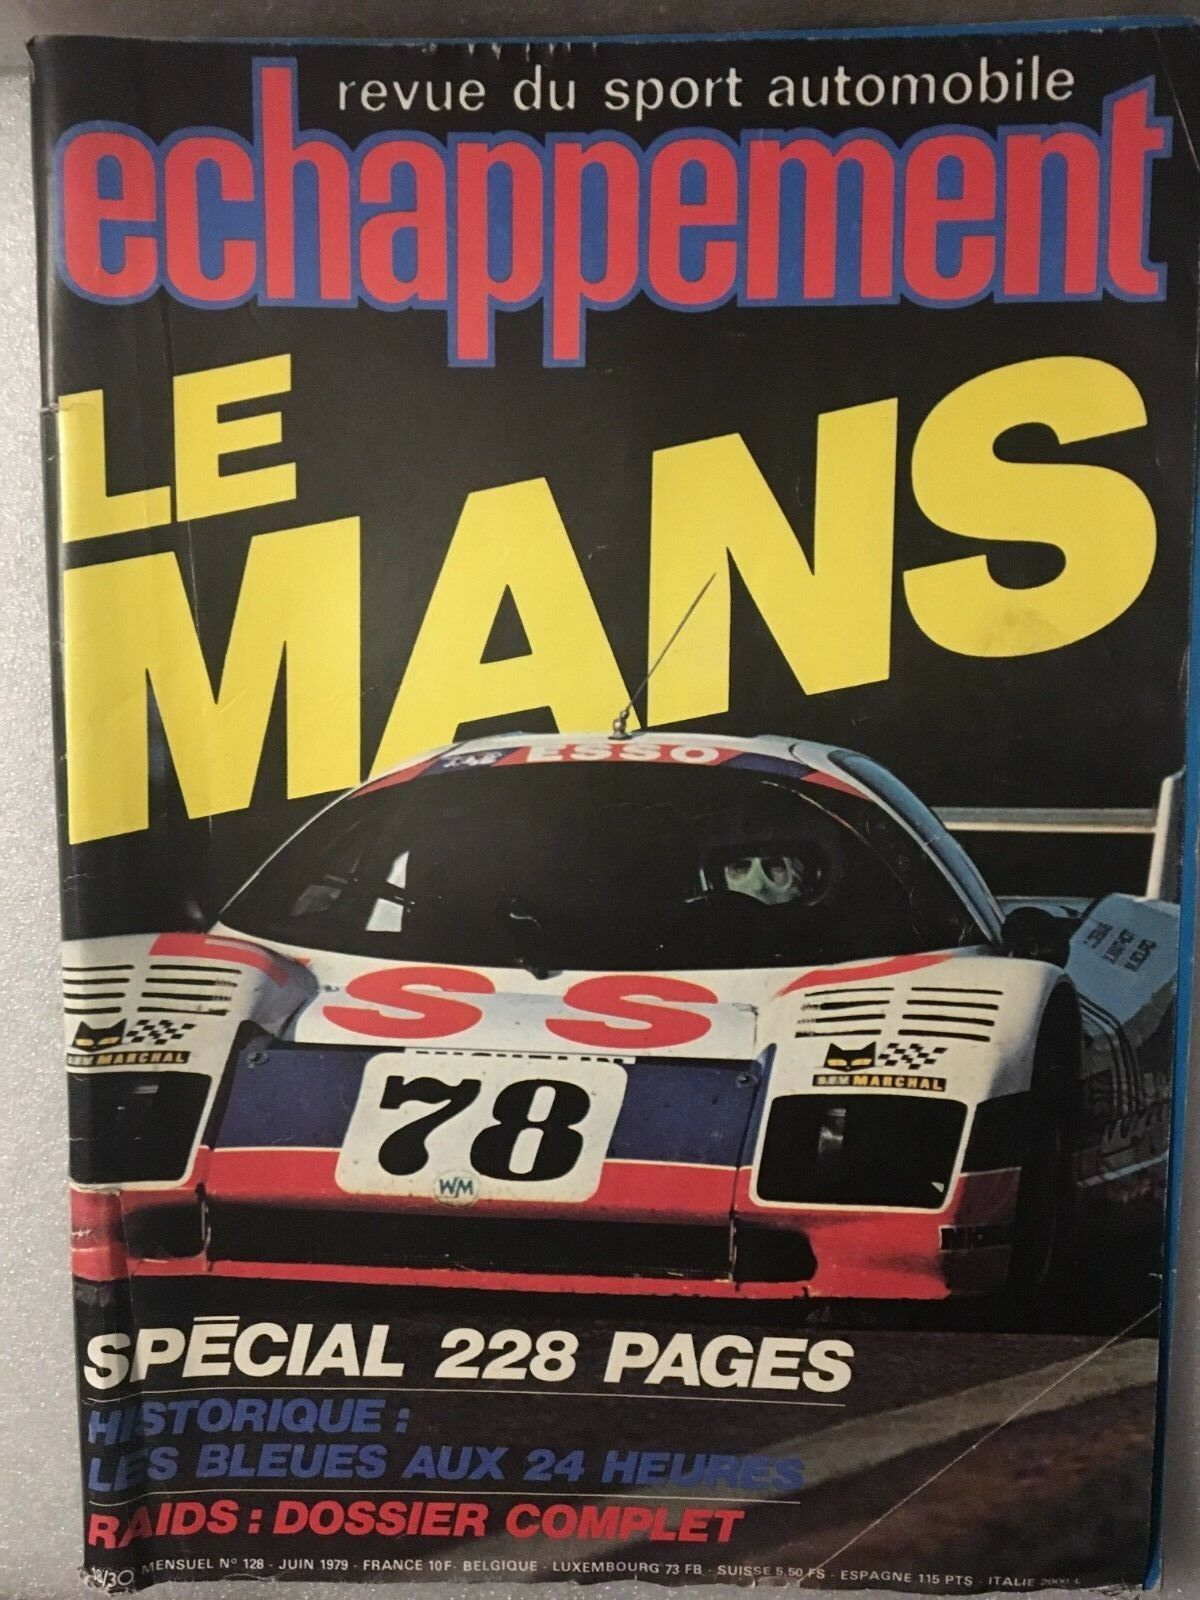 Magazine Echappement LE MANS N°128 JUIN 1979.